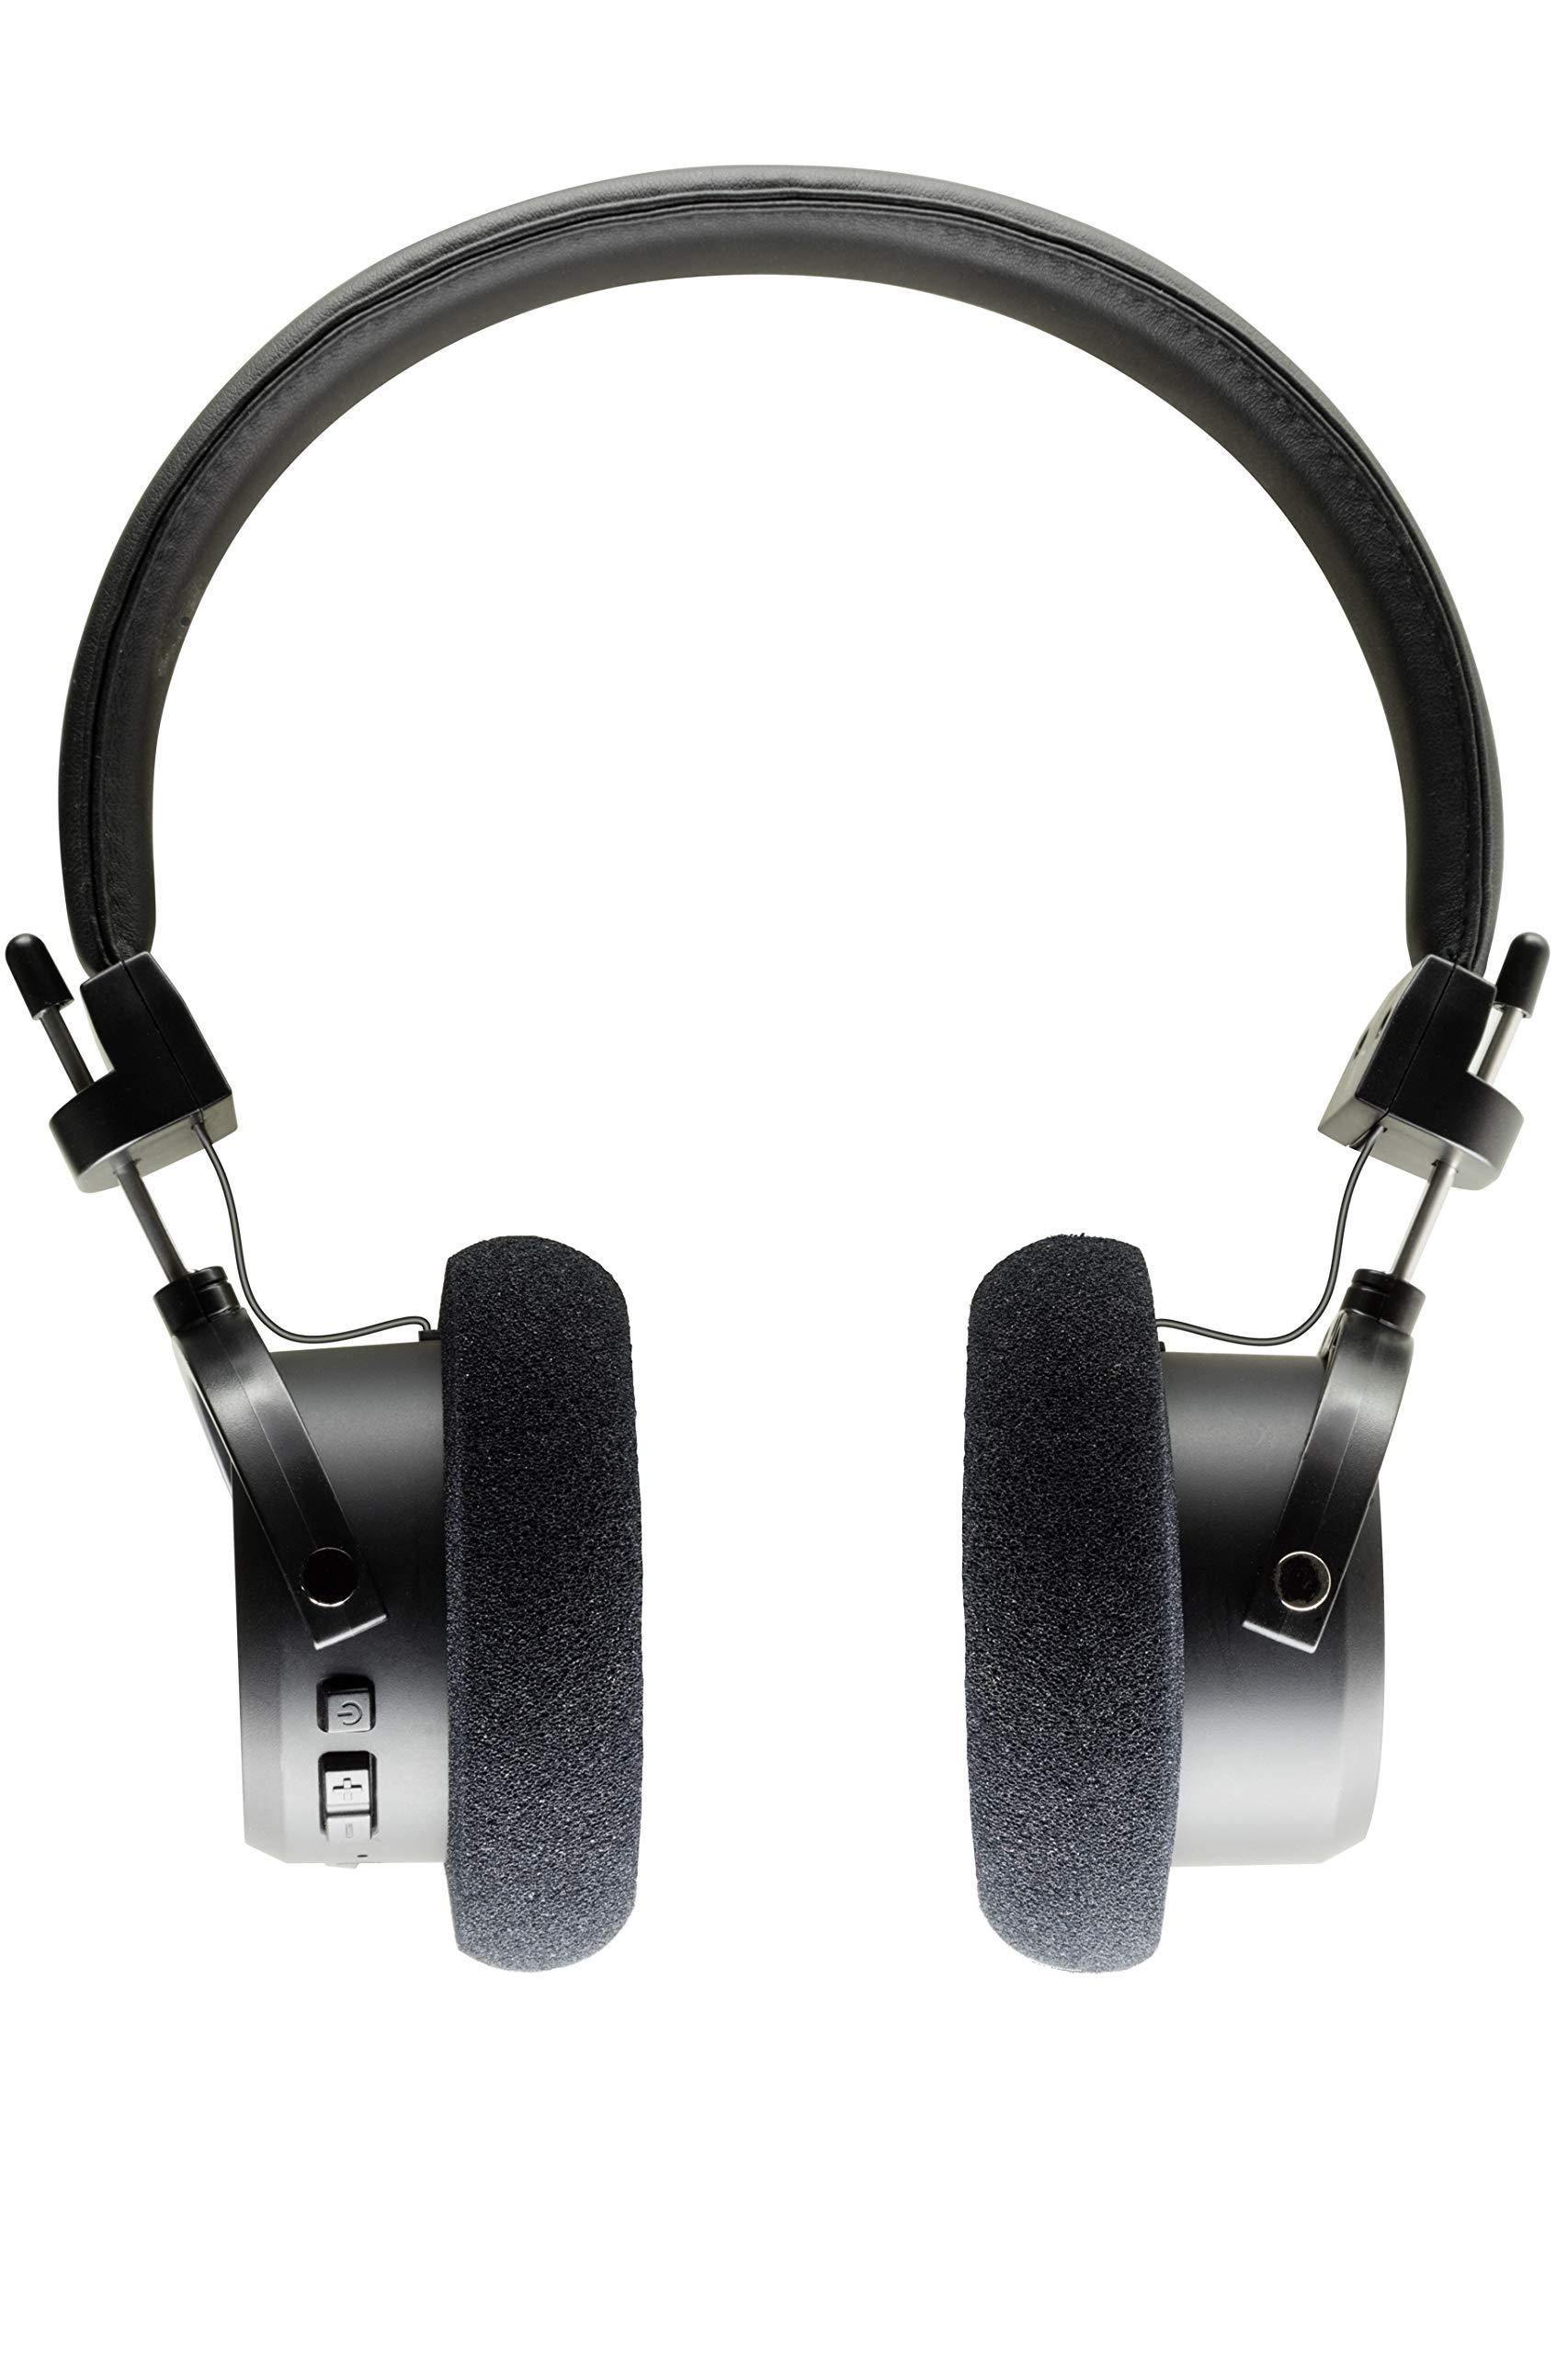 GRADO GW100 Wireless Bluetooth Headphones - Open Back and On Ear by Grado (Image #5)